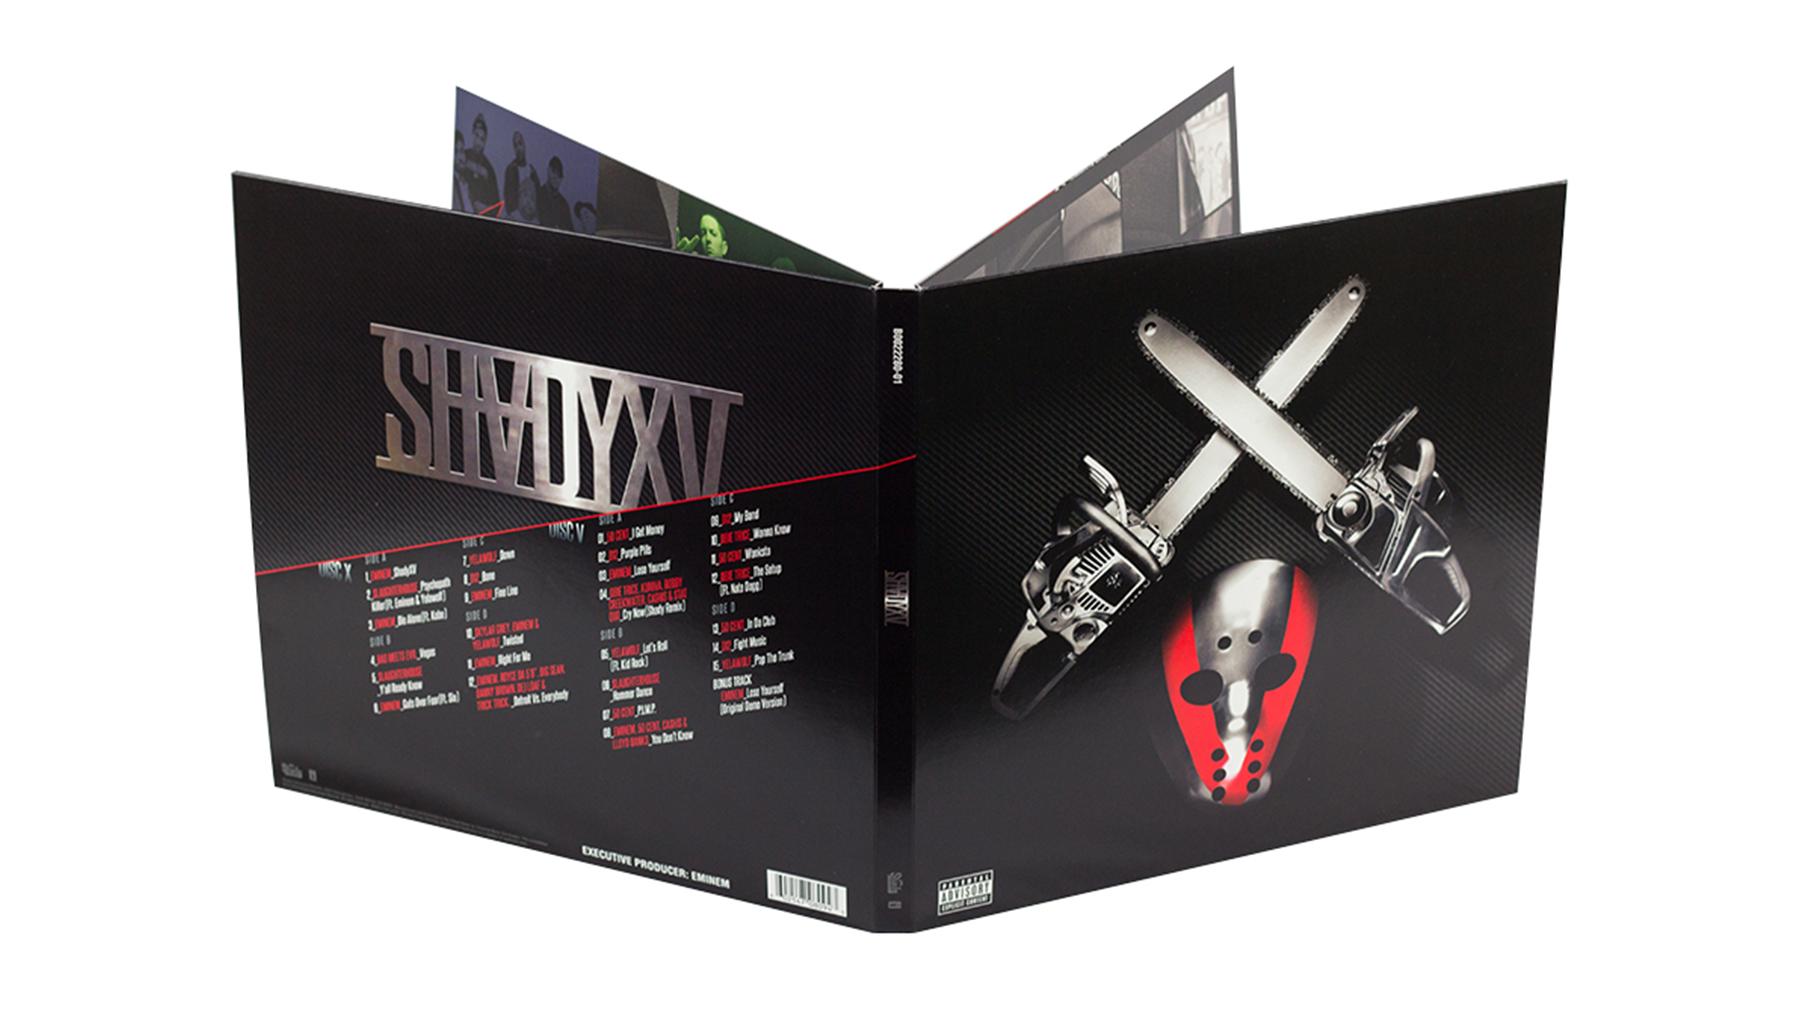 Shadyxv на виниле уже доступен Www Eminem Pro